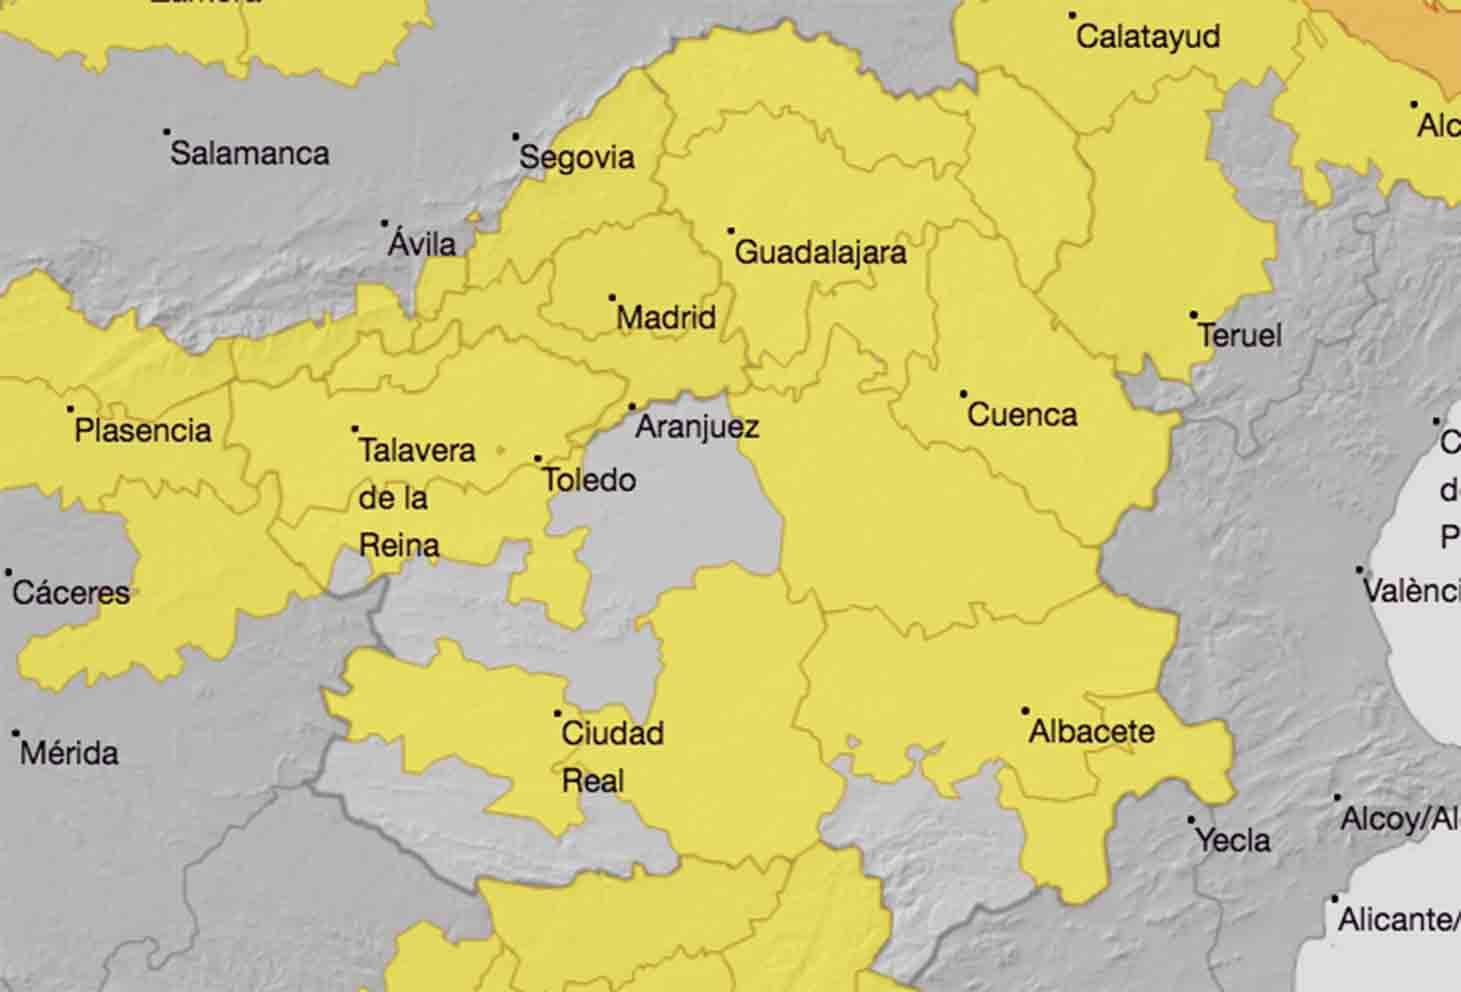 Casi toda Castilla-La Mancha está en aviso amarillo por altas temperaturas.